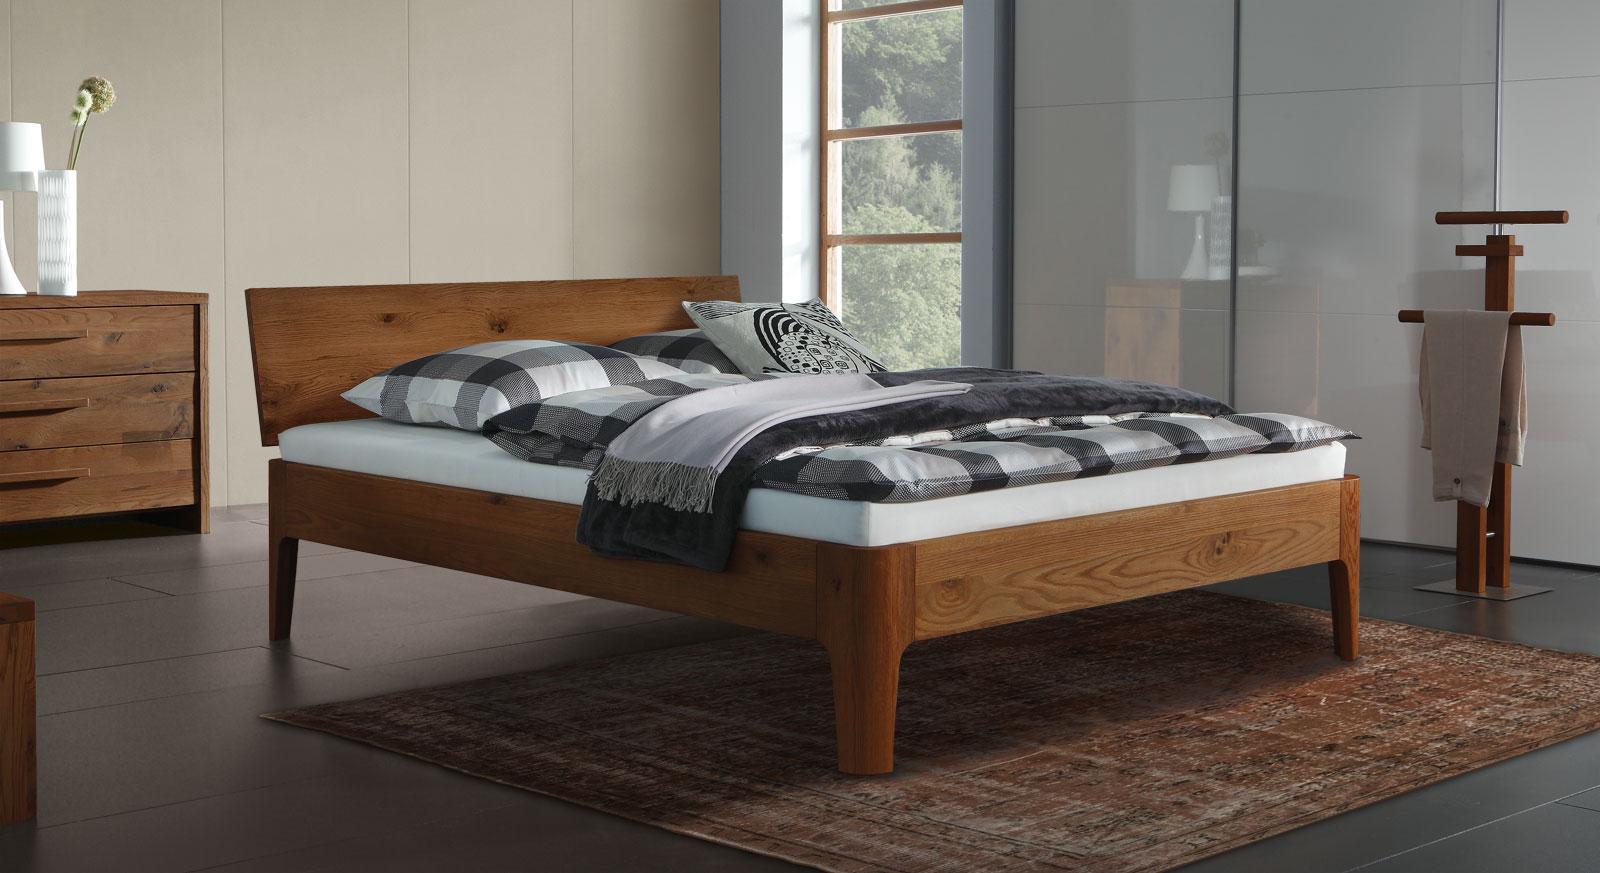 Eiche-Bett Lugo in cognacfarben mit 25cm hohen Füßen